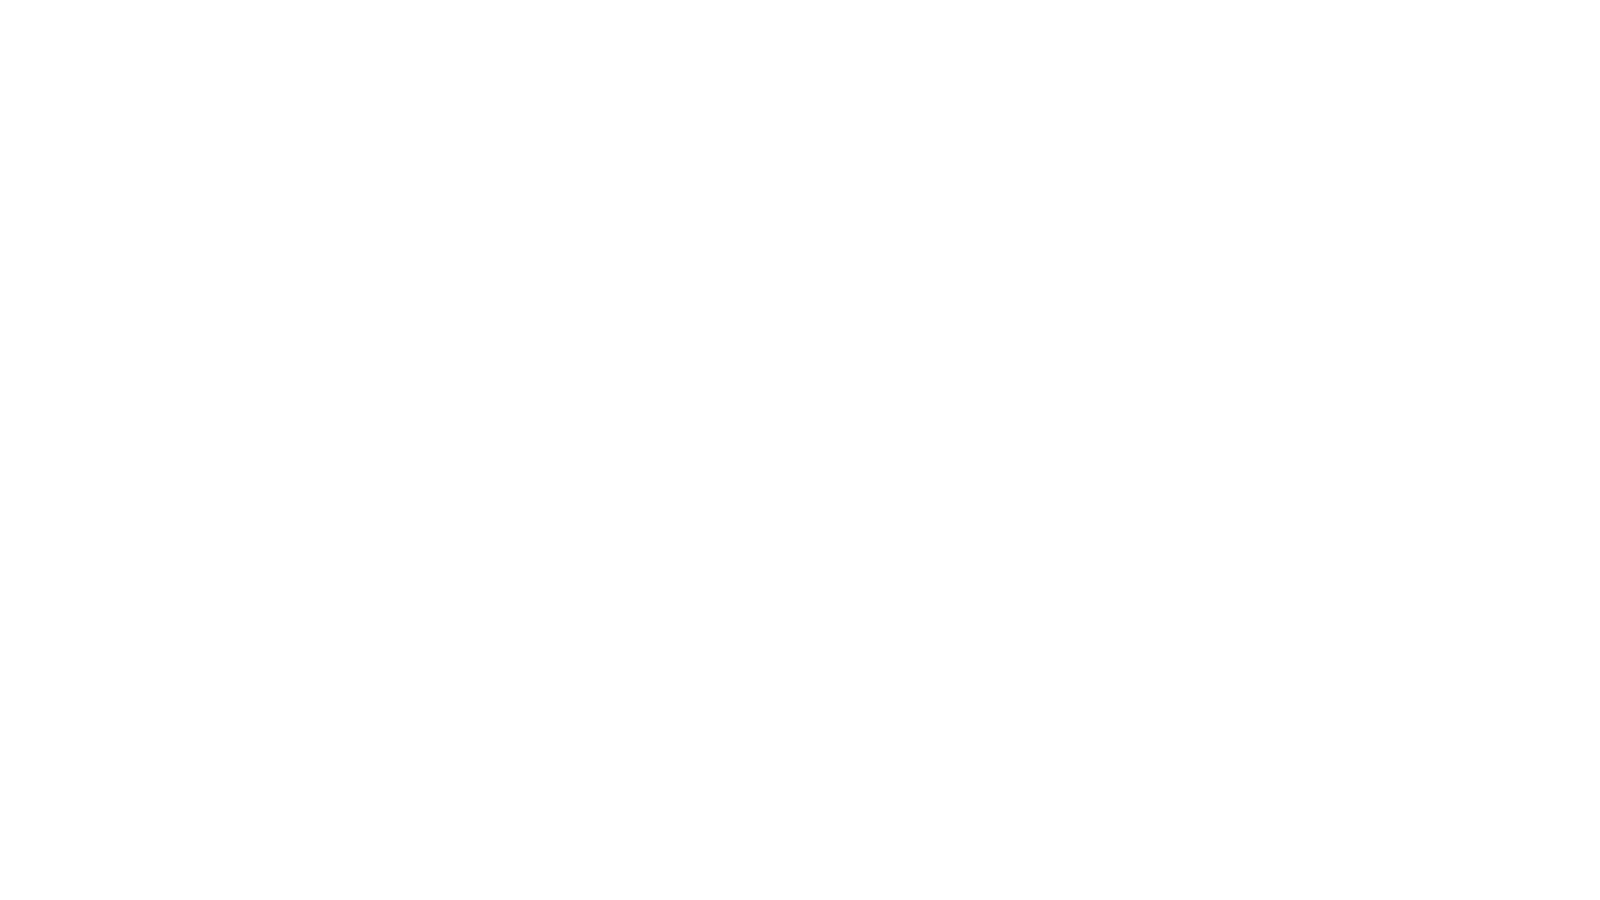 20 ANOS DE RITMO MELODIA Link da entrevista: https://www.ritmomelodia.mus.br/entrevistas/jorge-bodhar/ Conheça a Revista Ritmo Melodia?   Somos o maior banco de dados de entrevistas com músicos brasileiros. Aqui, além de consultar as informações, você pode avaliar e discutir sobre nossas entrevistas e artistas dos mais diversos gêneros, como: forró, samba, pagode, baião, maracatu, reggae, rock, pop, mpb, brega, sertanejo, caipira, bossa nova, rap e muito mais. Já entrevistamos artistas como: Gilberto Gil, Dominguinhos, Sivuca, Tribo de Jah, Zé Rodrix, Yamandu Costa, Papete, Geraldo Vandré, Nelson Faria, Paulinho da Viola, Nelson Sargento, Hyldon, Wilson Curia, entre tantos outros, todo mês temos muitas outras novas.  https://www.ritmomelodia.mus.br